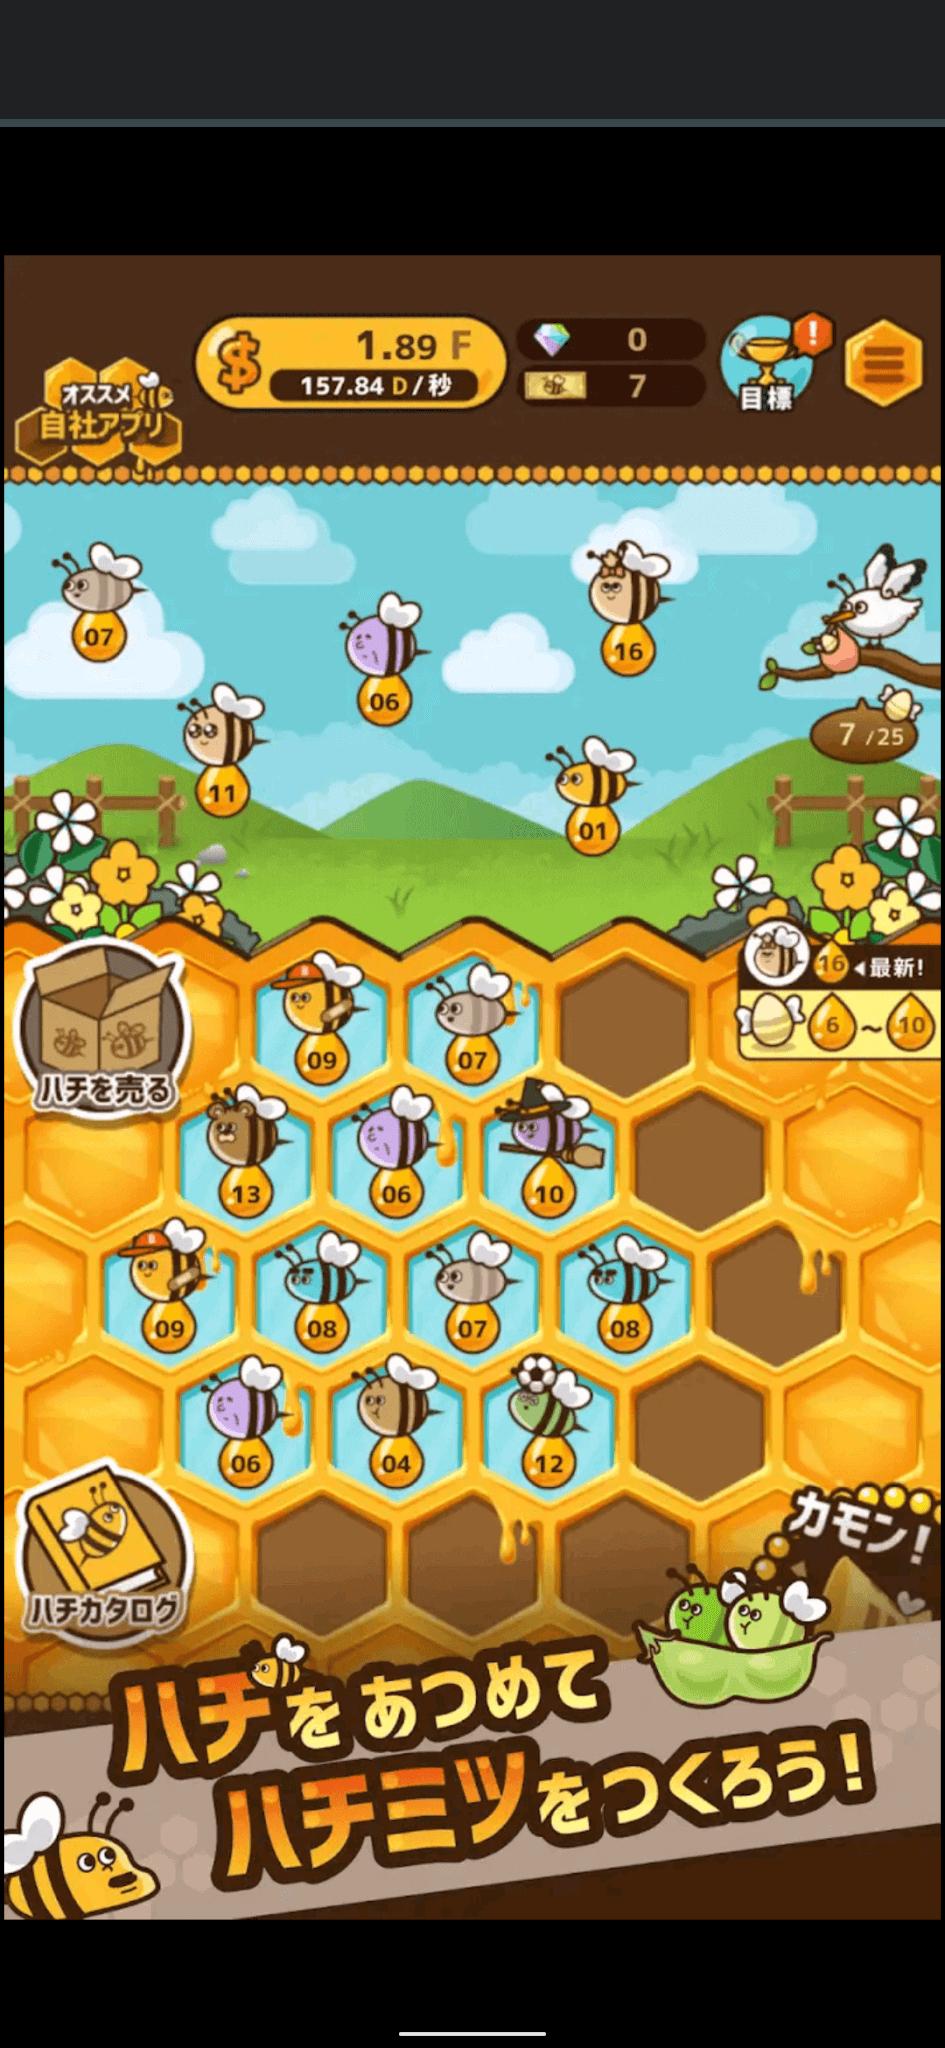 ハチをあつめてハチミツをつくろう!